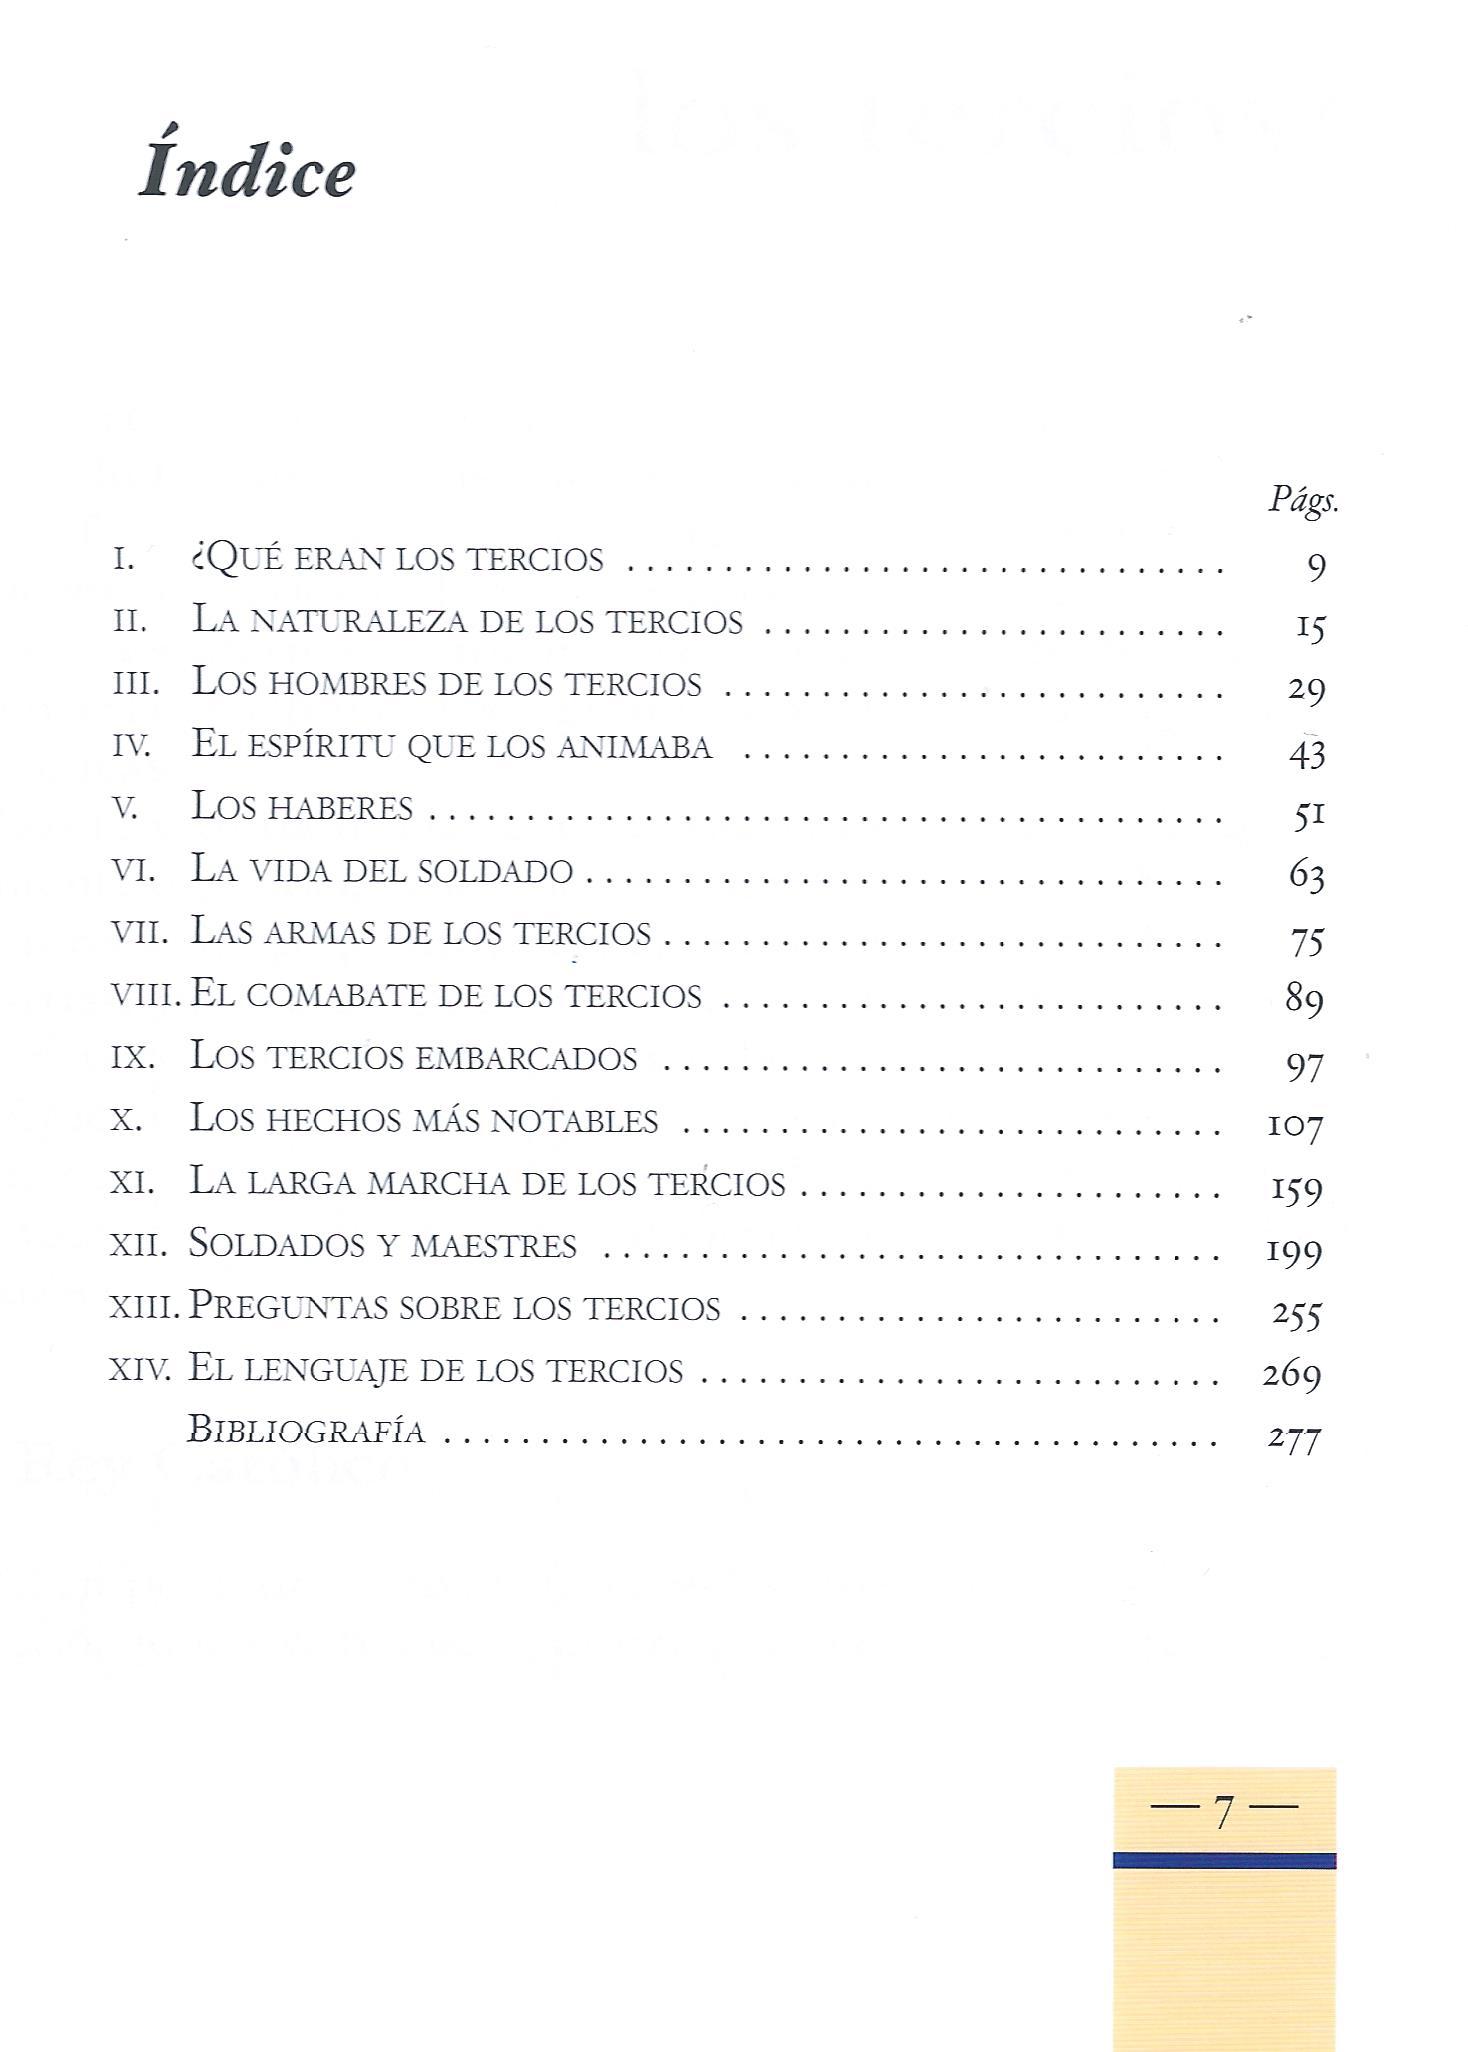 Indice Tercios de España